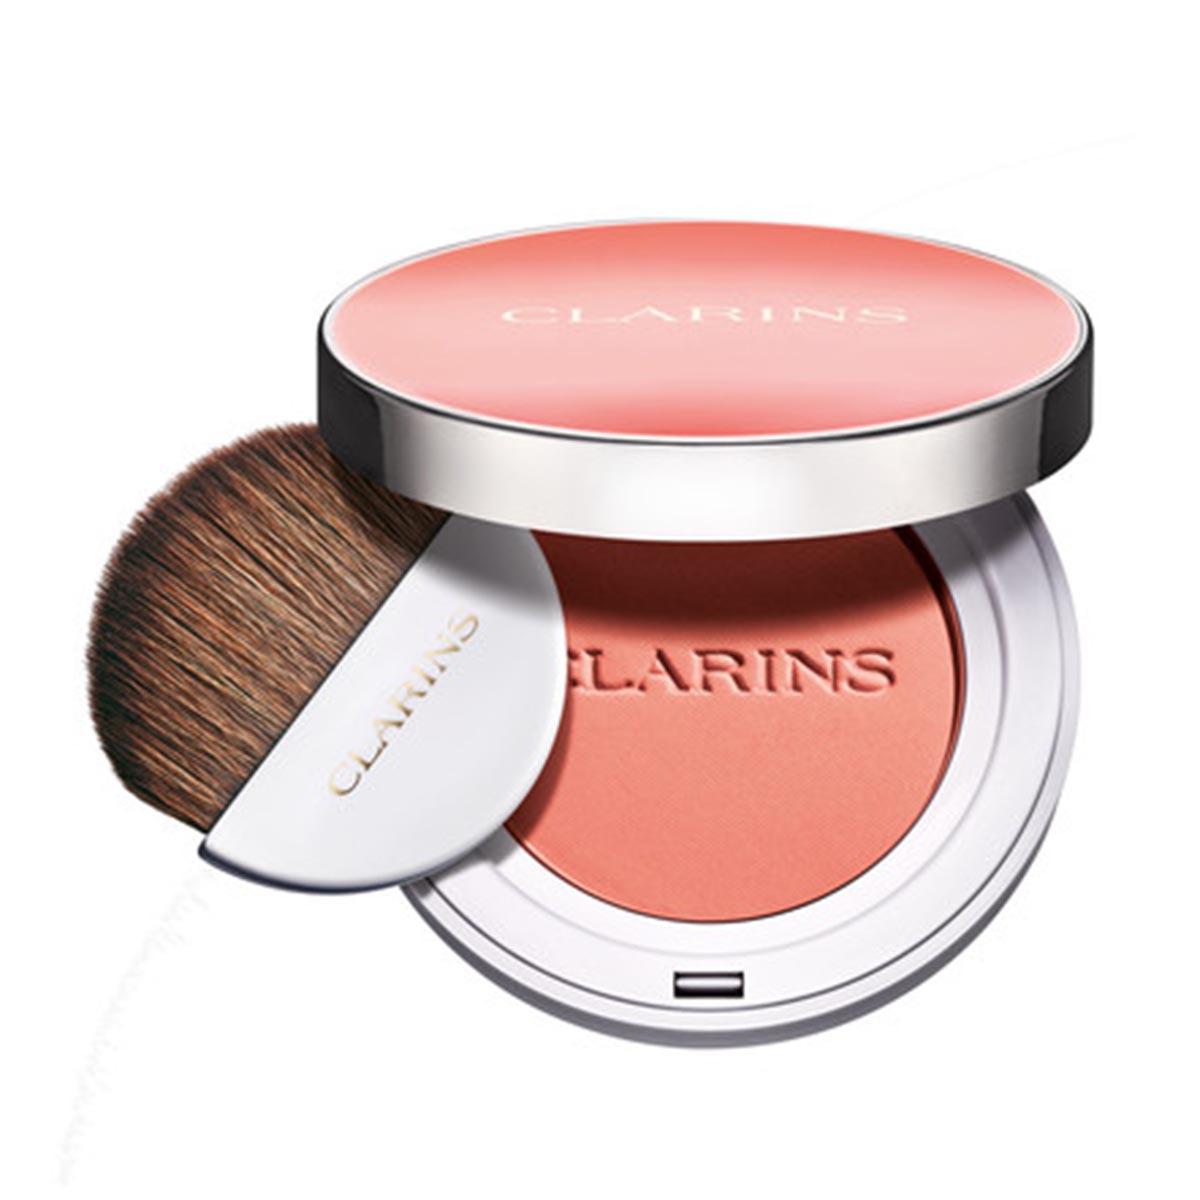 Clarins joli blush colorete 06 cheeky coral